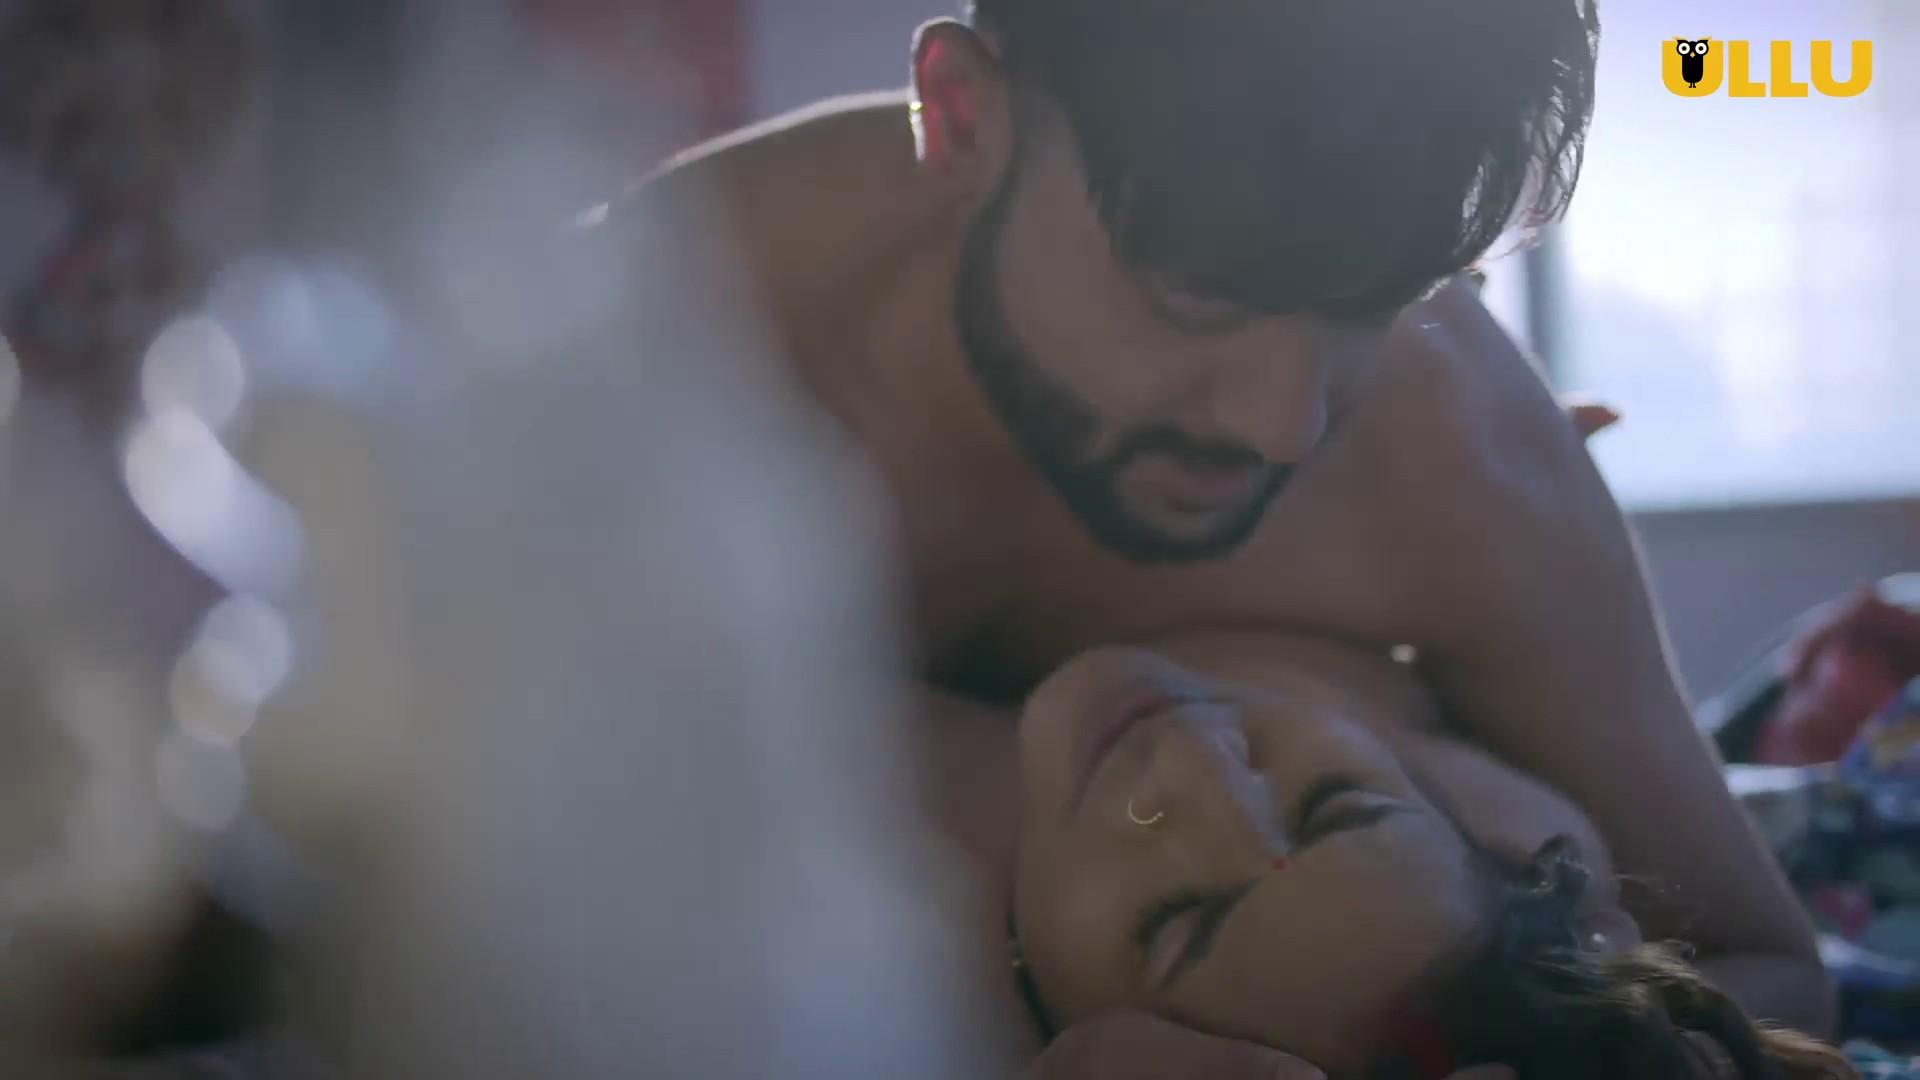 [18+] Charmsukh (Aate Ki Chakki) (2021) S01E25 Ullu Originals 1080p 720p 480p Download [450MB] [220MB] [90MB]